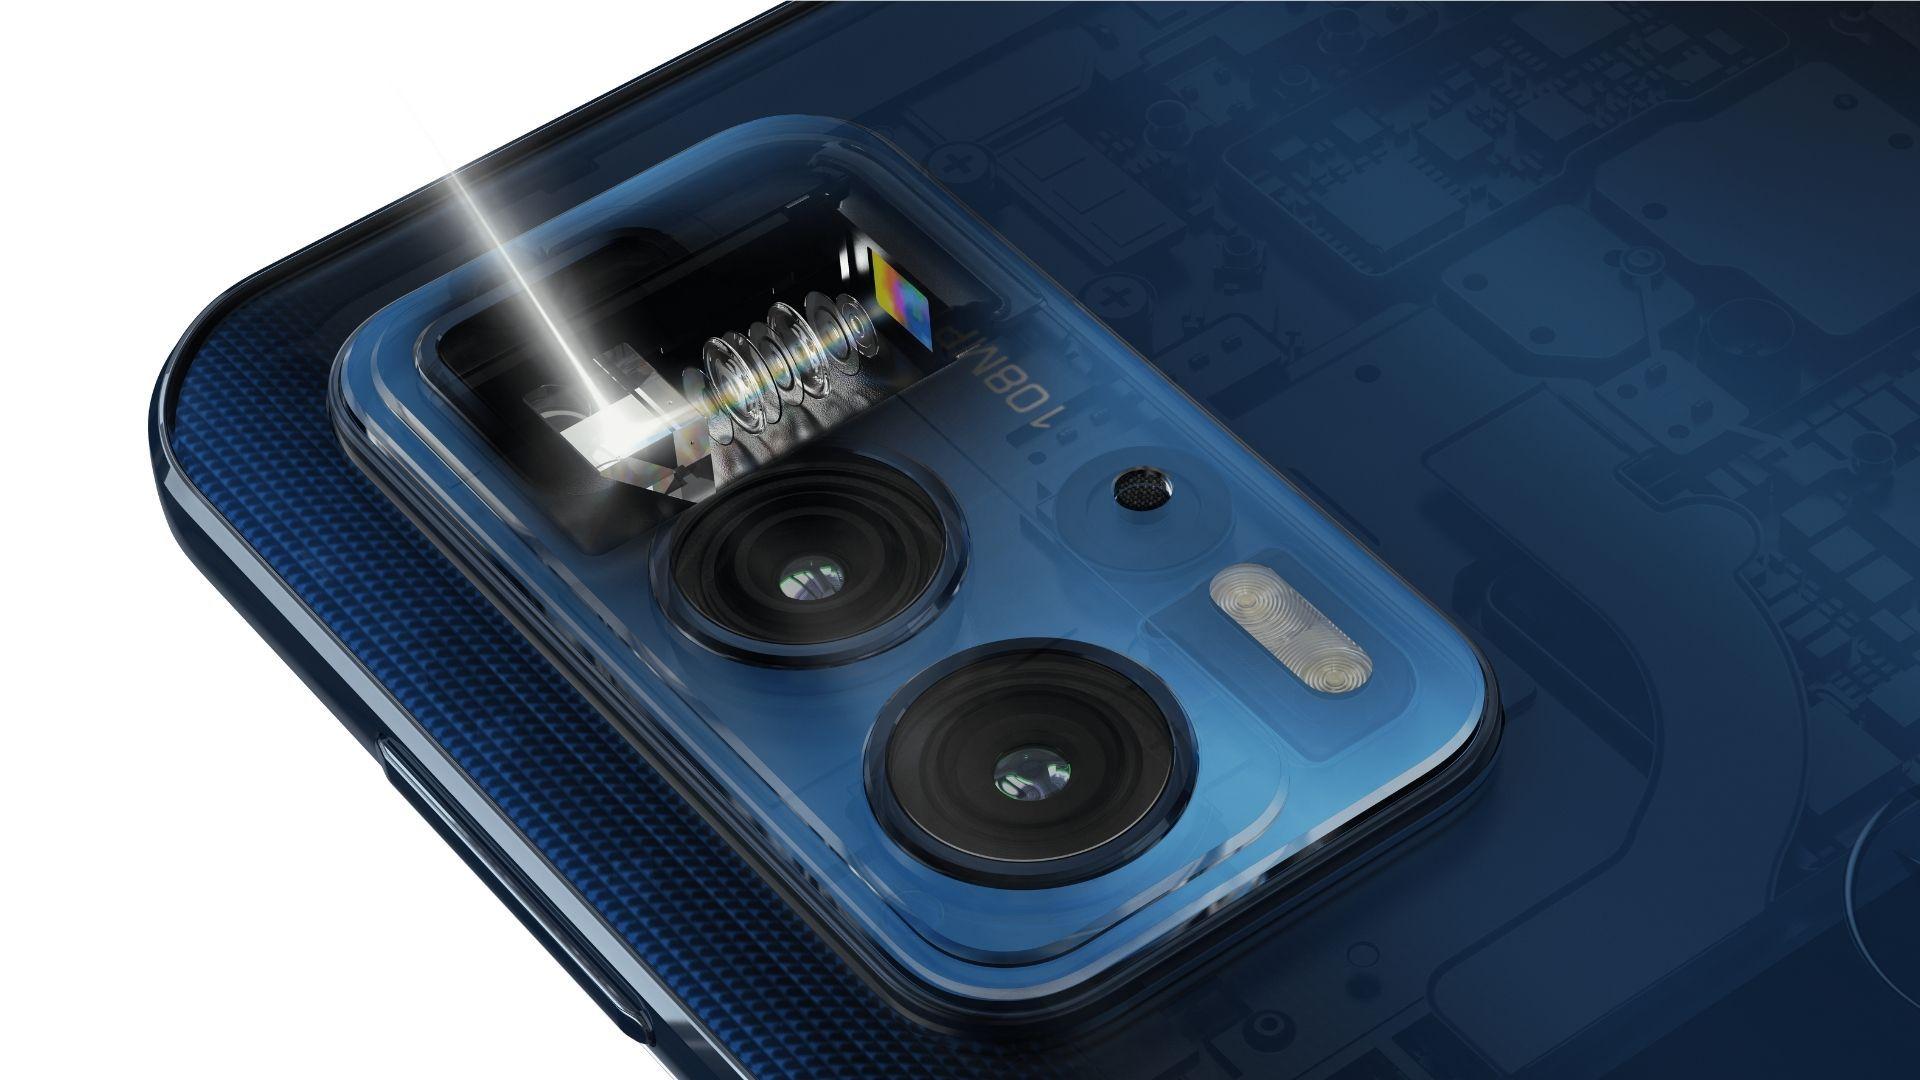 Imagem mostra conjunto de câmeras do celular Motorola Edge 20 Pro